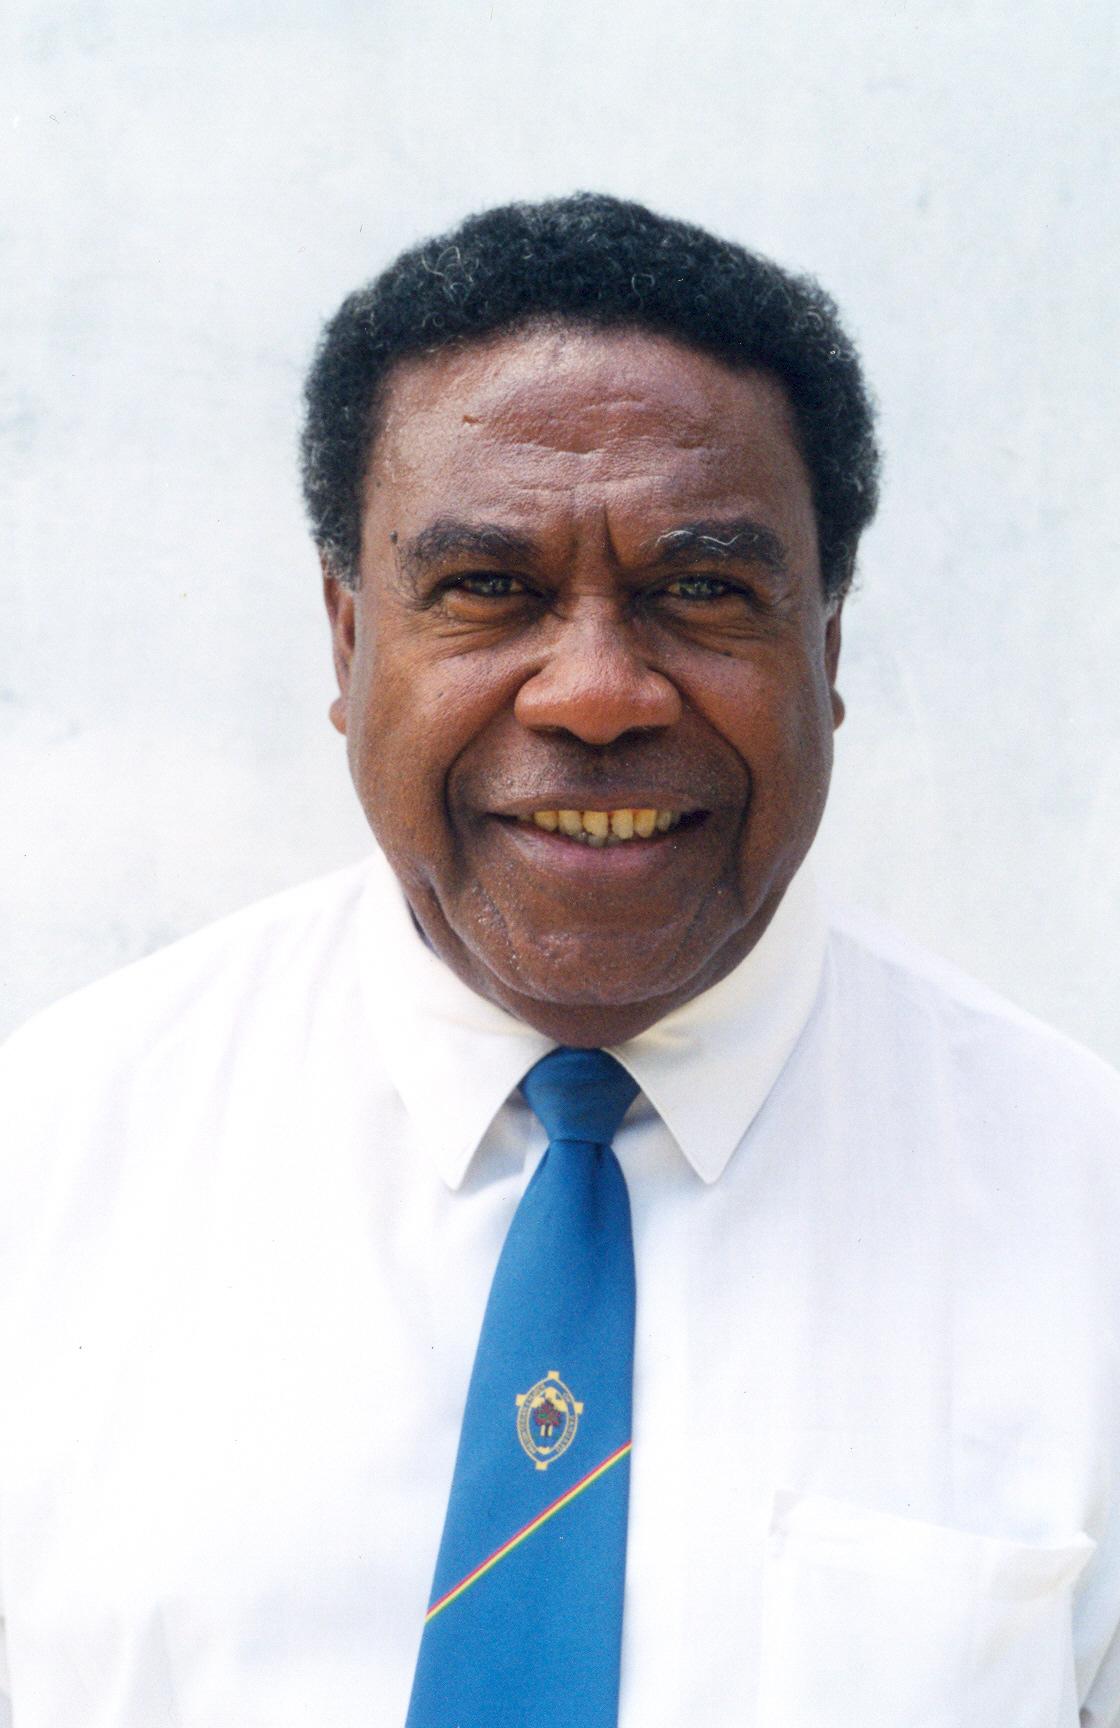 His Excellency, Ati George Sokomanu, President, Republic of Vanuatu